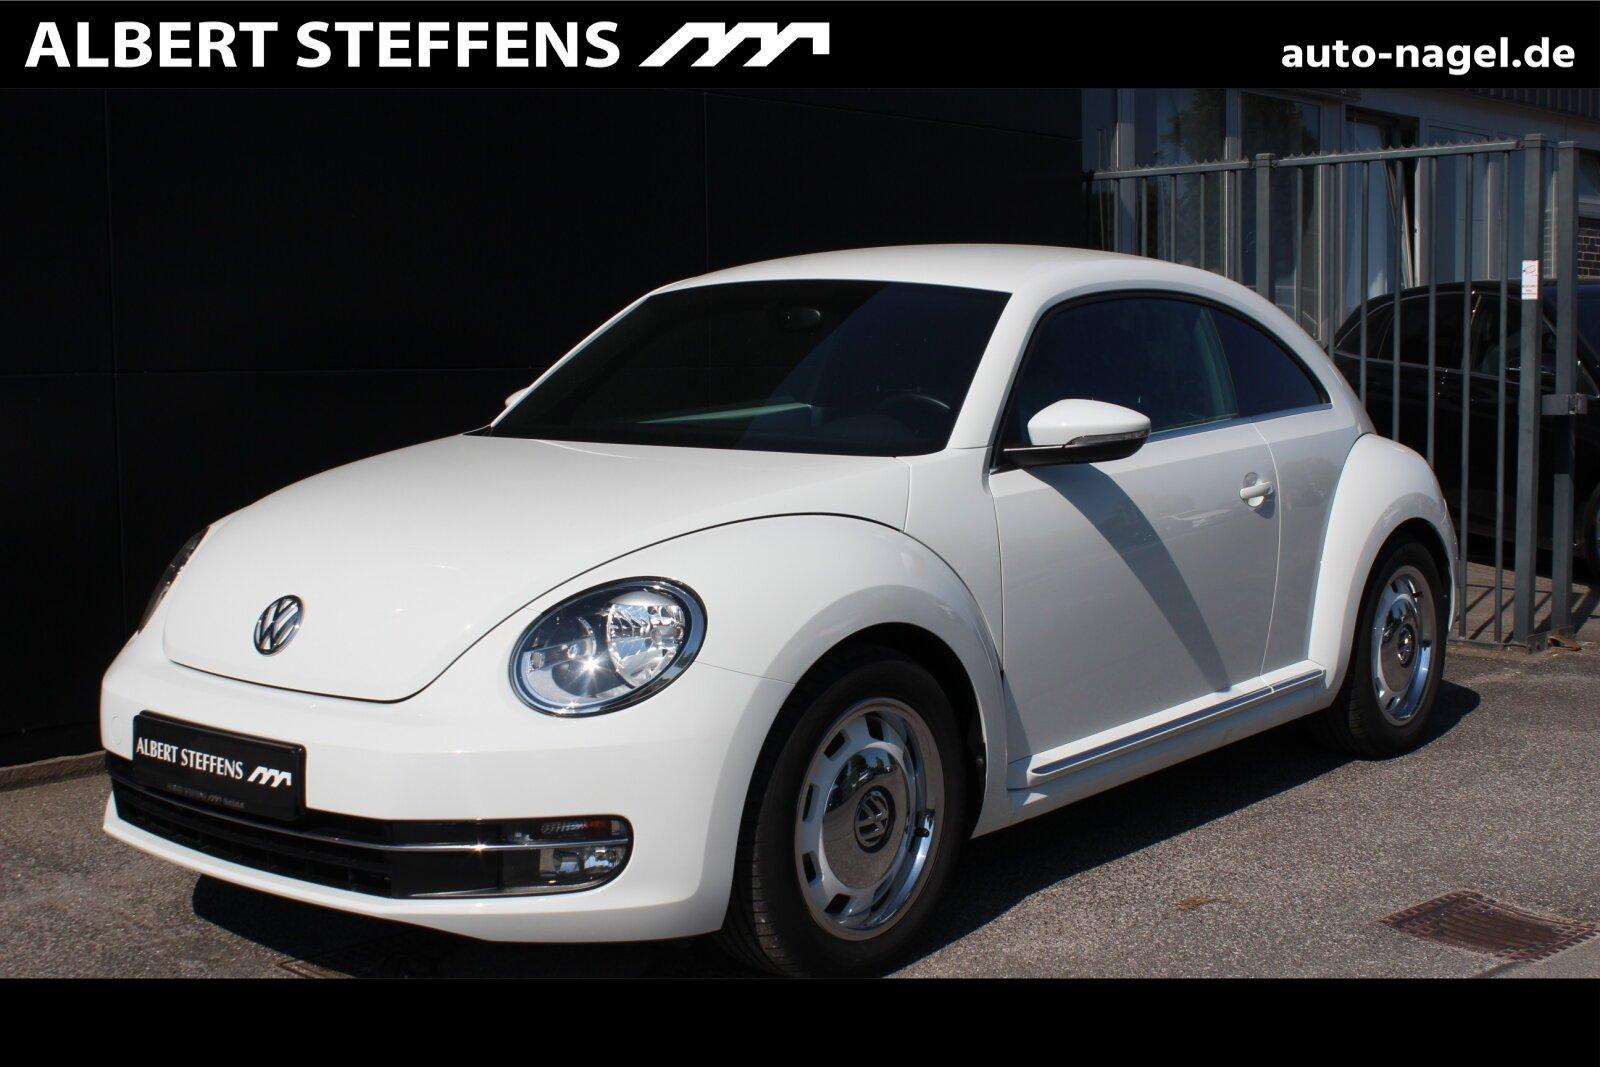 Volkswagen Beetle 1.2 TSI Design SHZ+BLUETOOTH+TEMPOMAT+ BC, Jahr 2016, Benzin